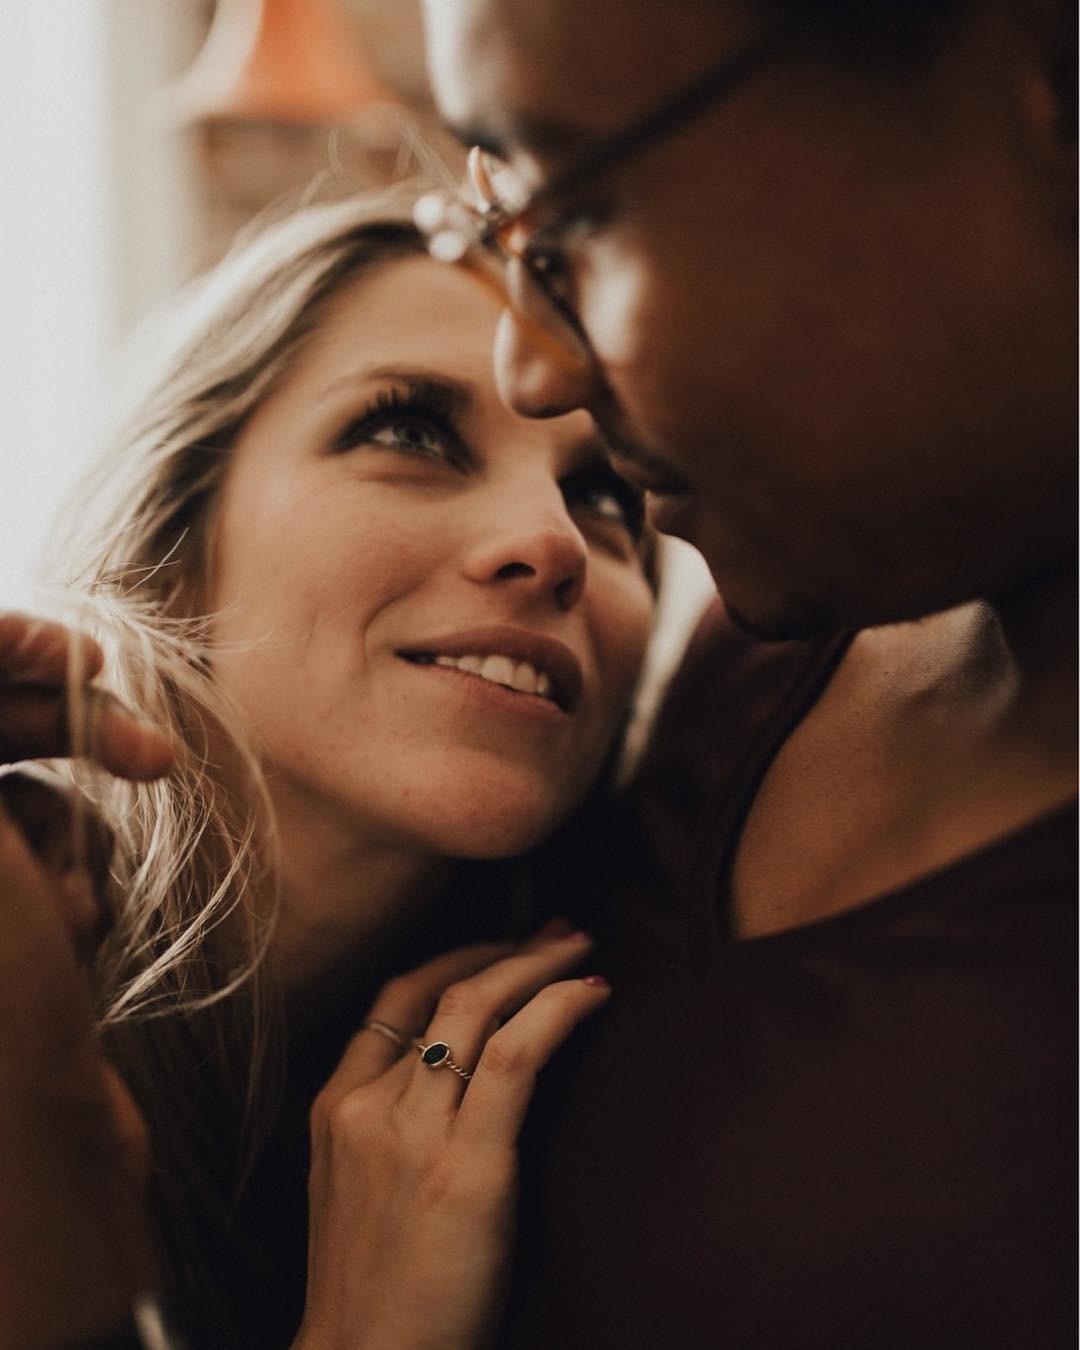 Слишком много заниматься сексом